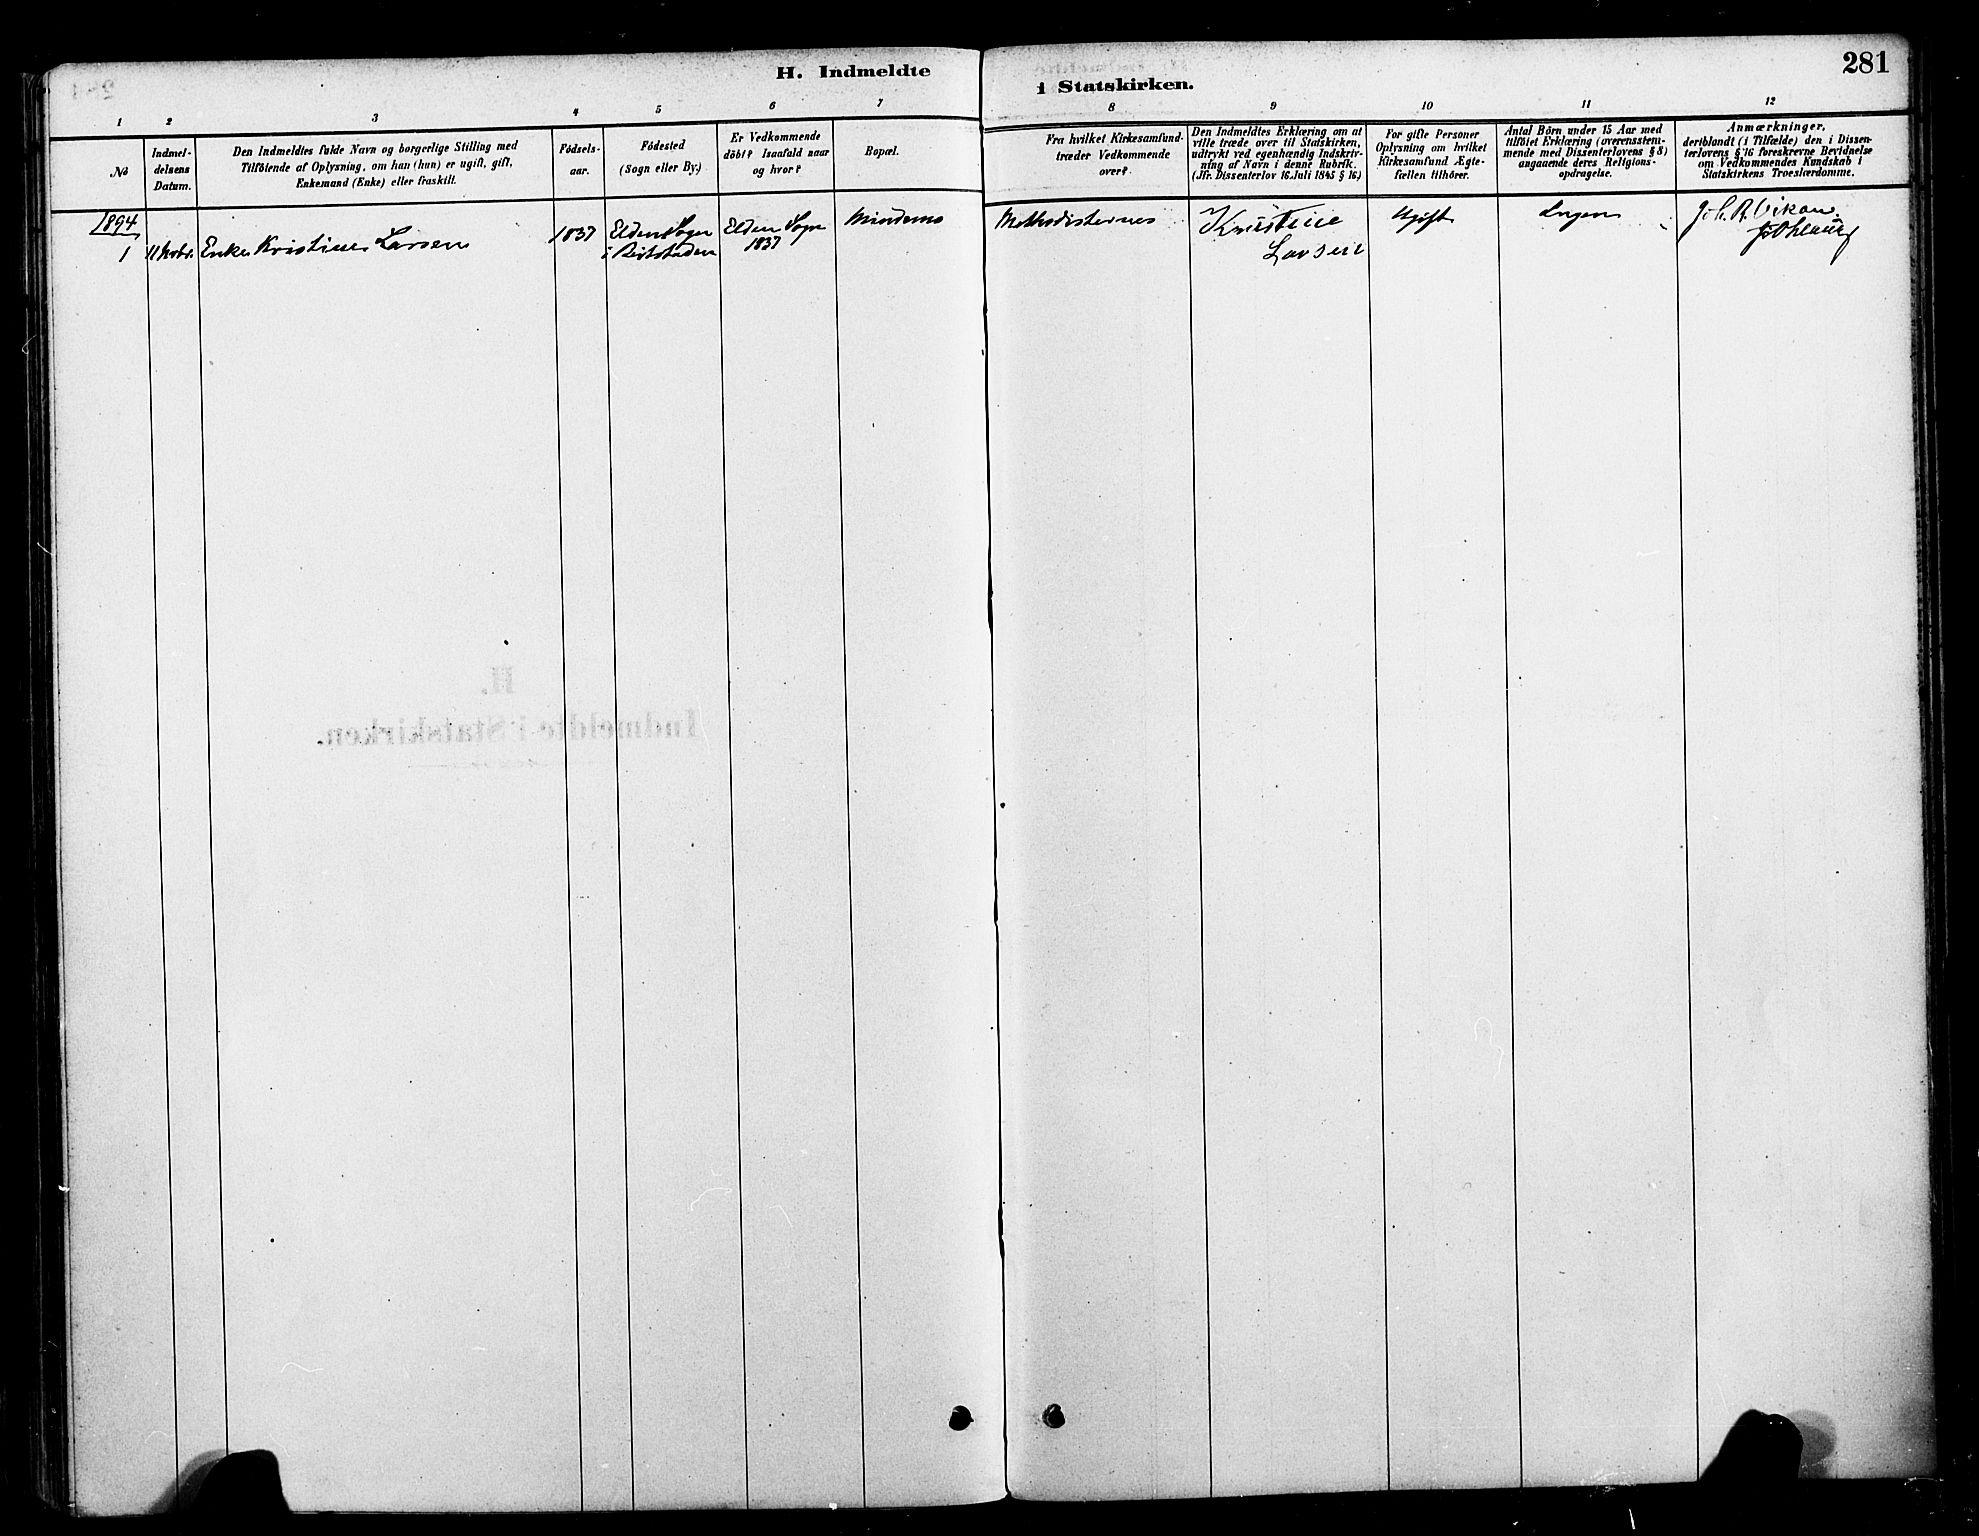 SAT, Ministerialprotokoller, klokkerbøker og fødselsregistre - Nord-Trøndelag, 709/L0077: Ministerialbok nr. 709A17, 1880-1895, s. 281